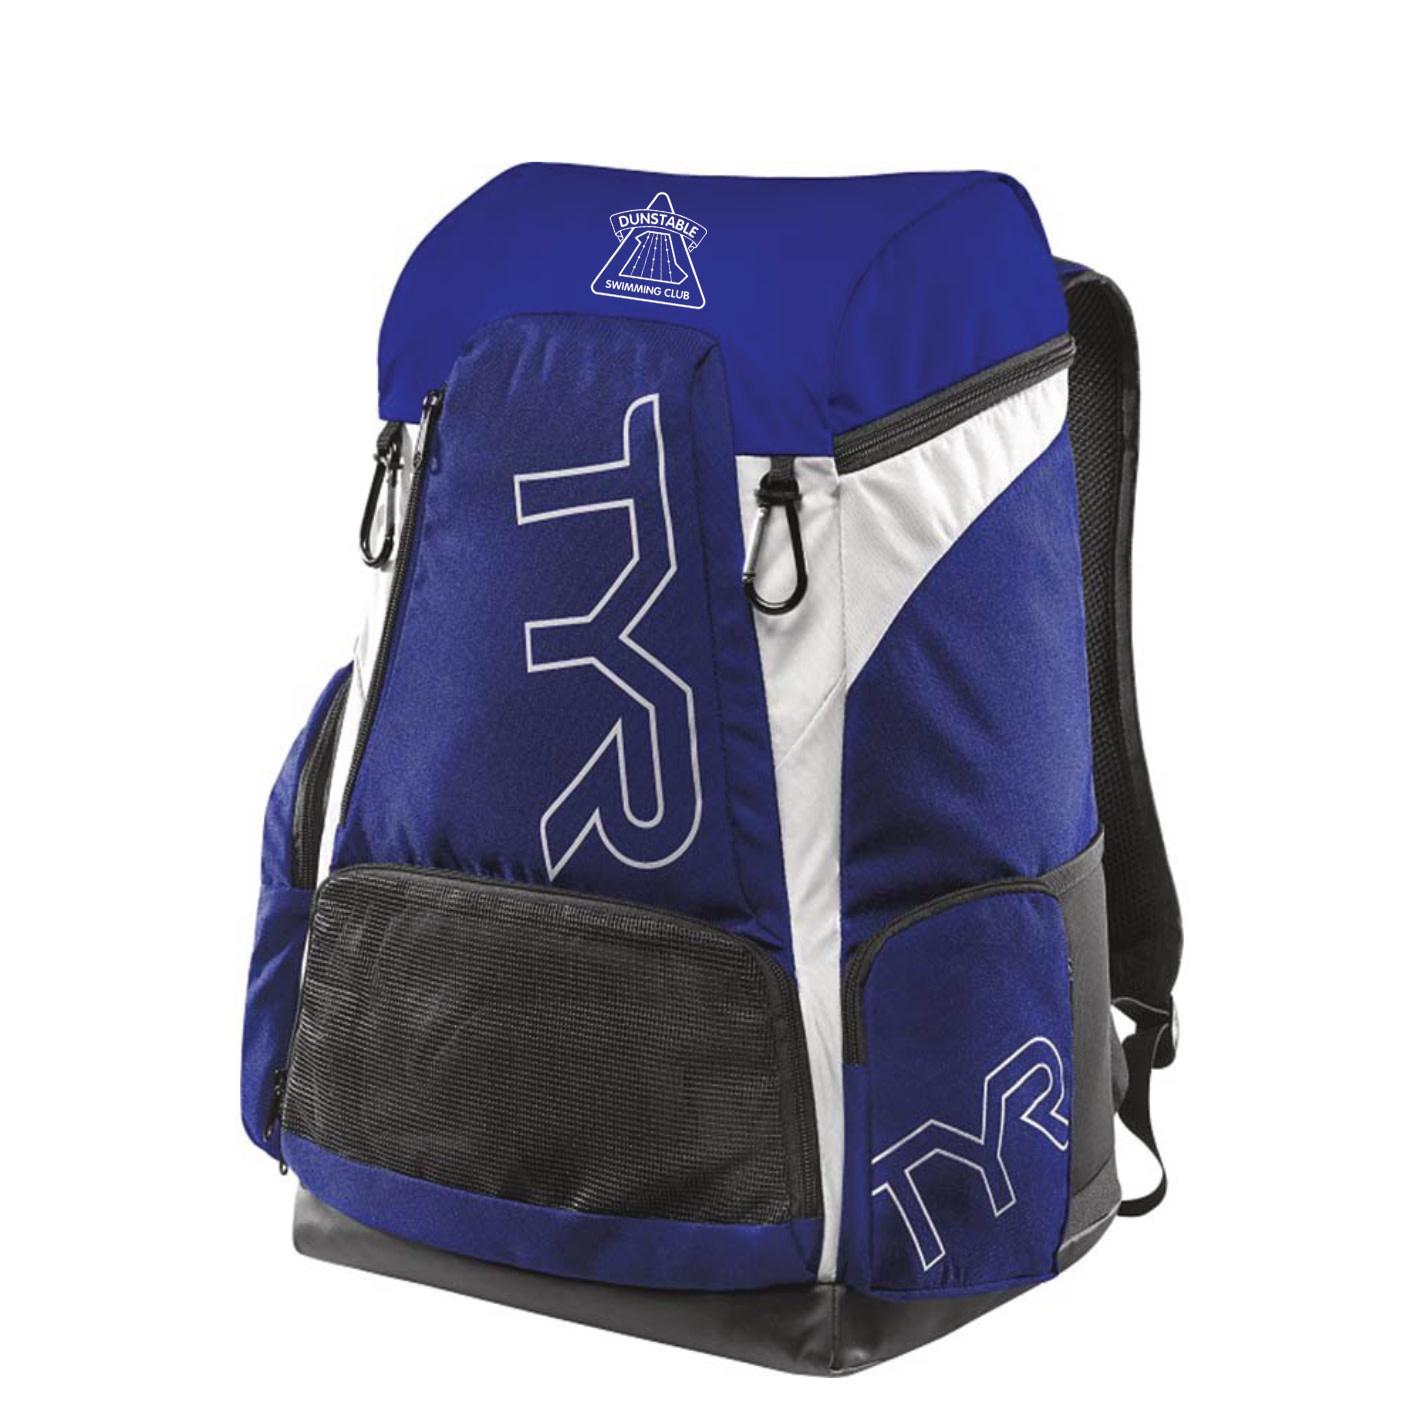 Dunstable SC Back Pack 30 Ltr